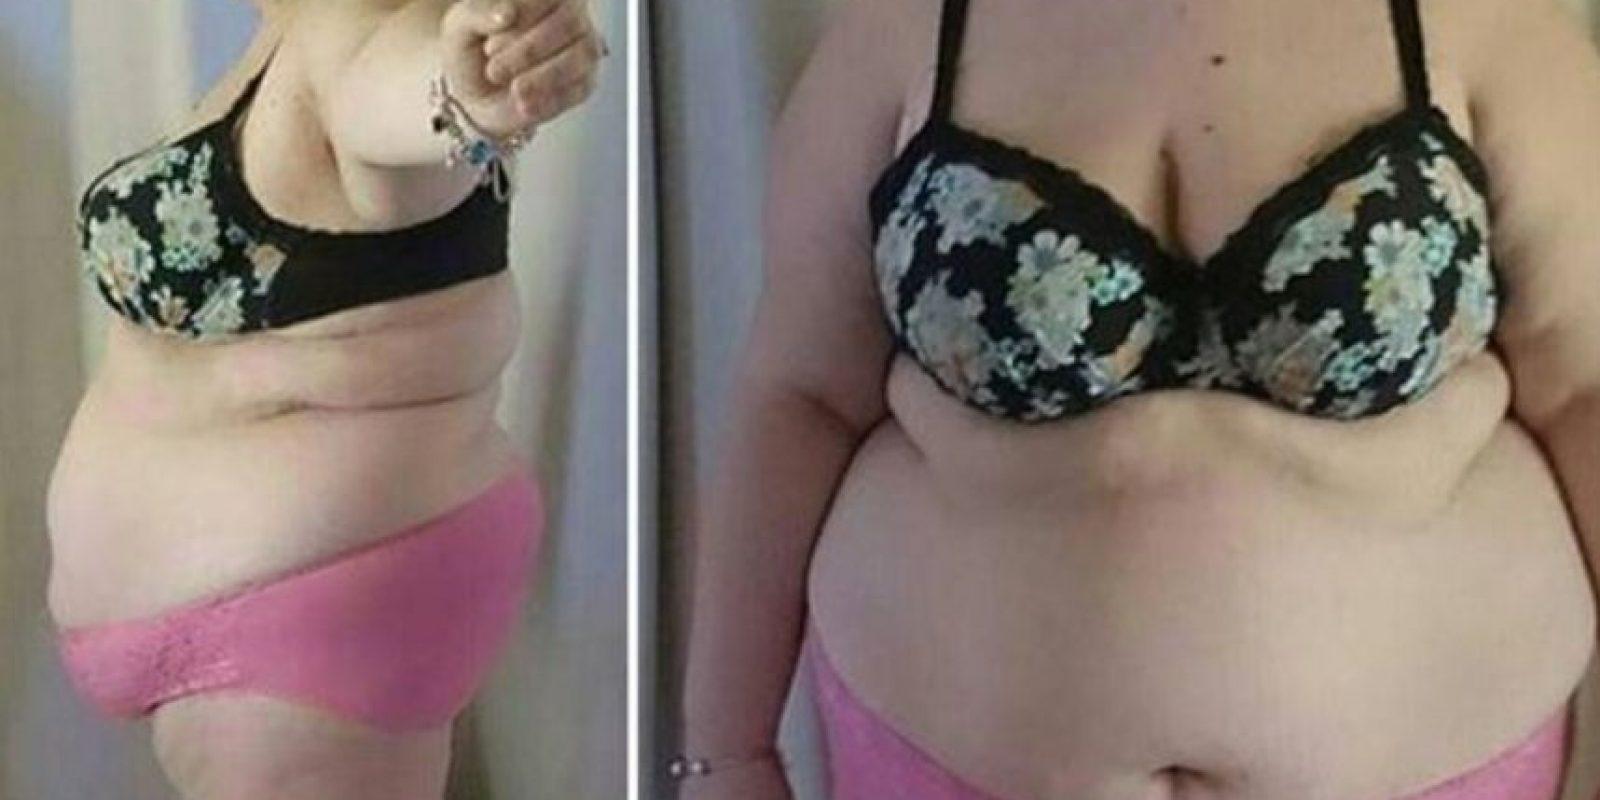 Shantell Bennet compartió una foto donde quería que vieran que estaba perdiendo peso. Pero recibió comentarios desagradables en Internet. Foto:vía Facebook